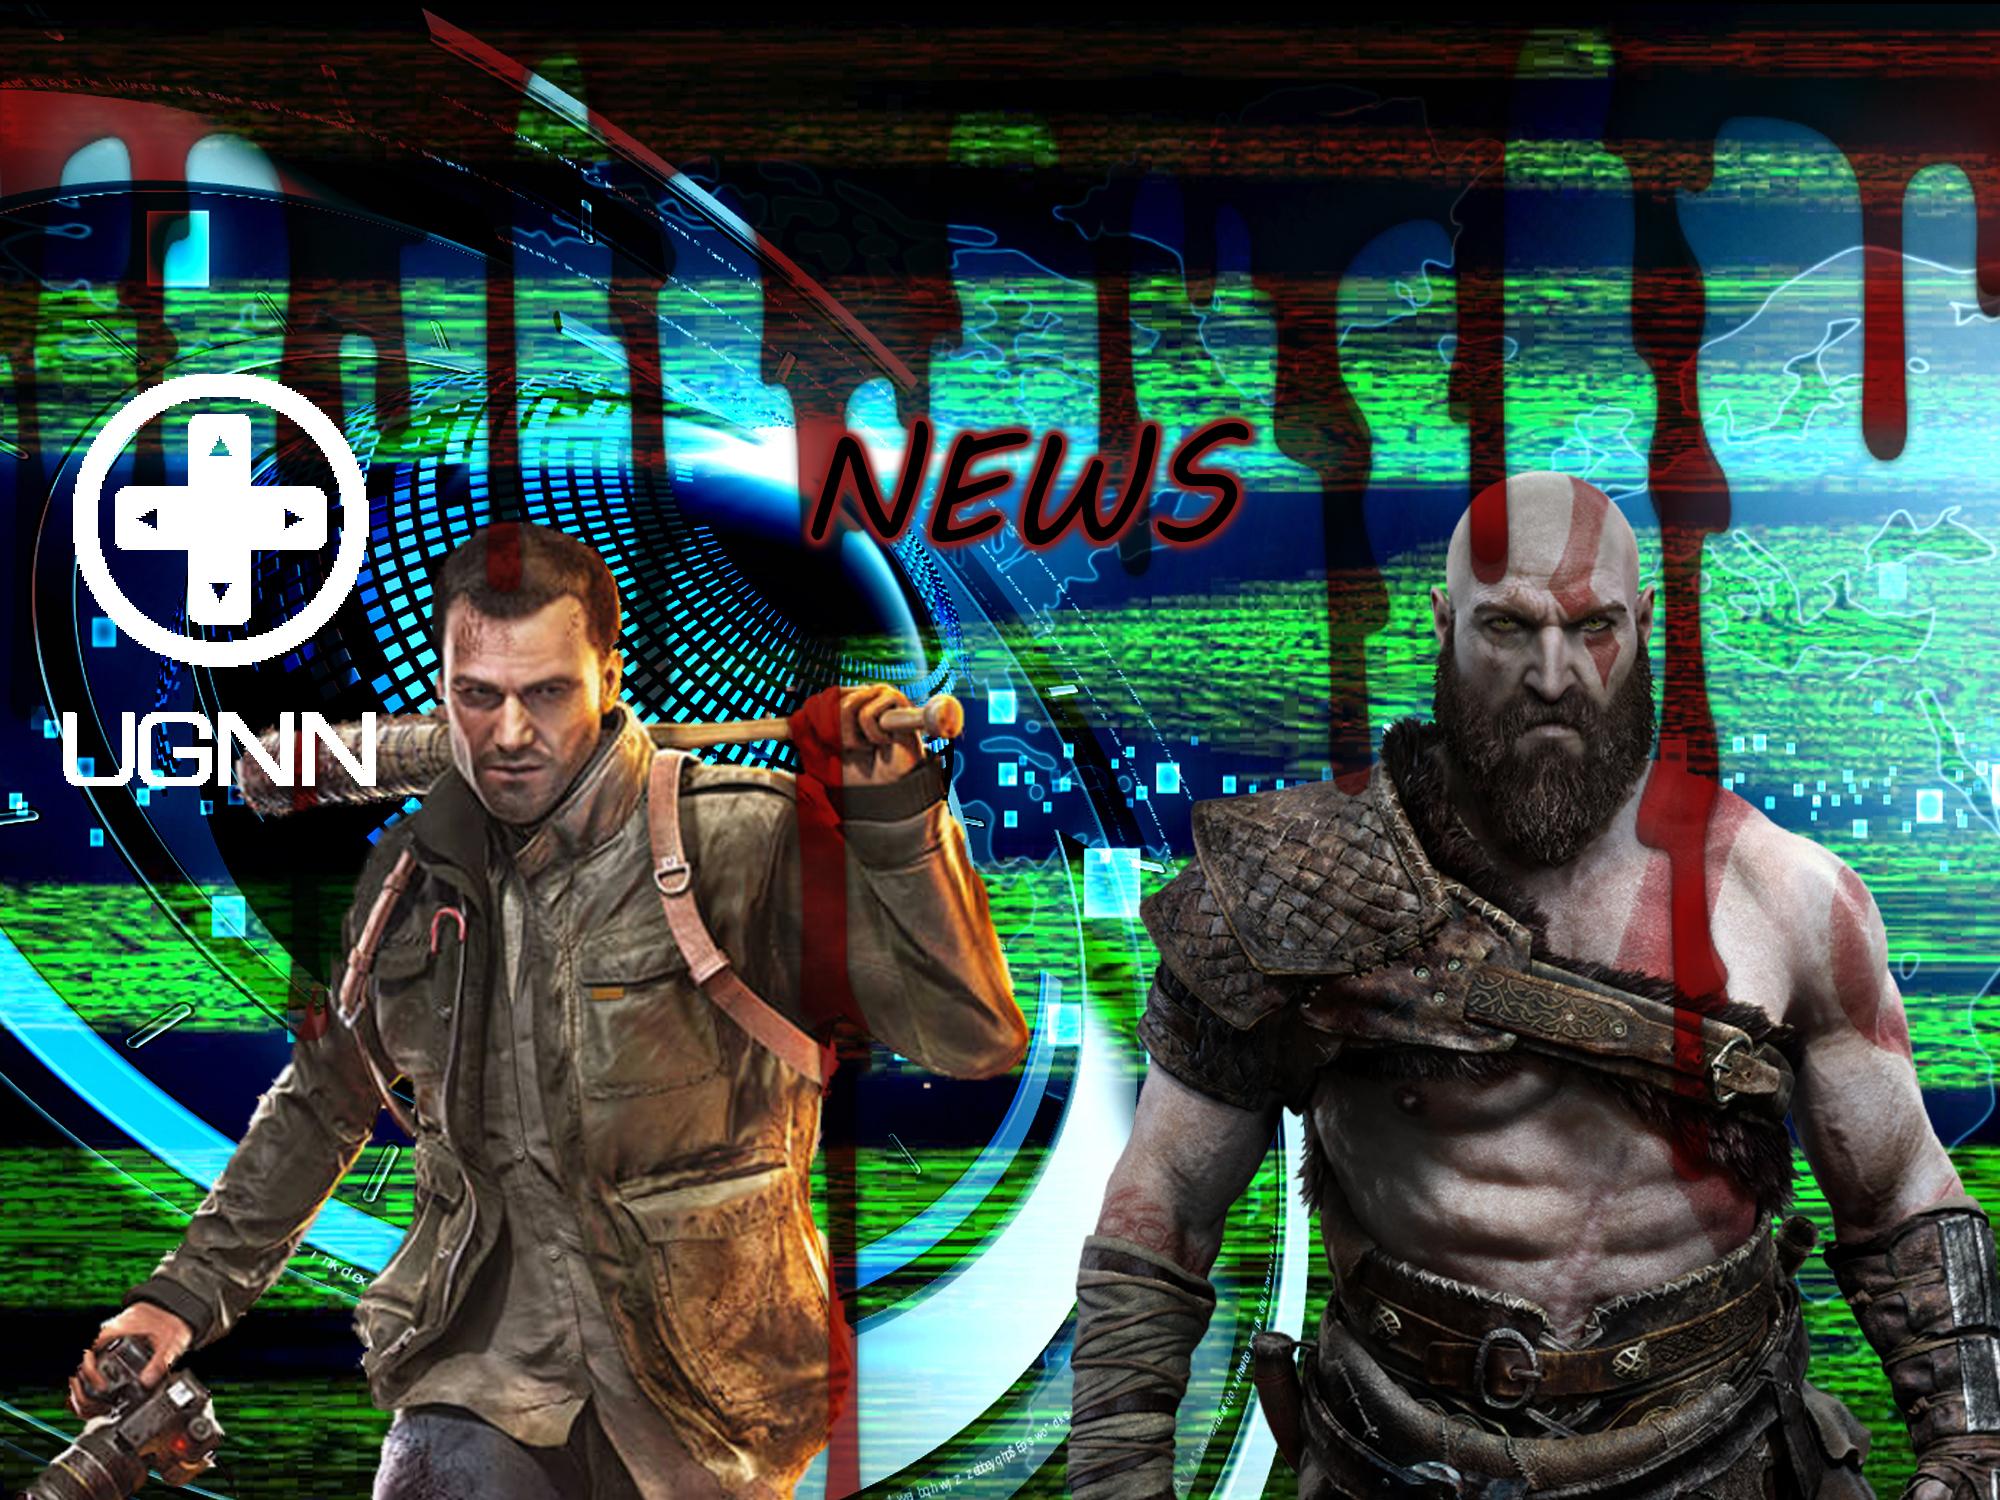 UGNN News